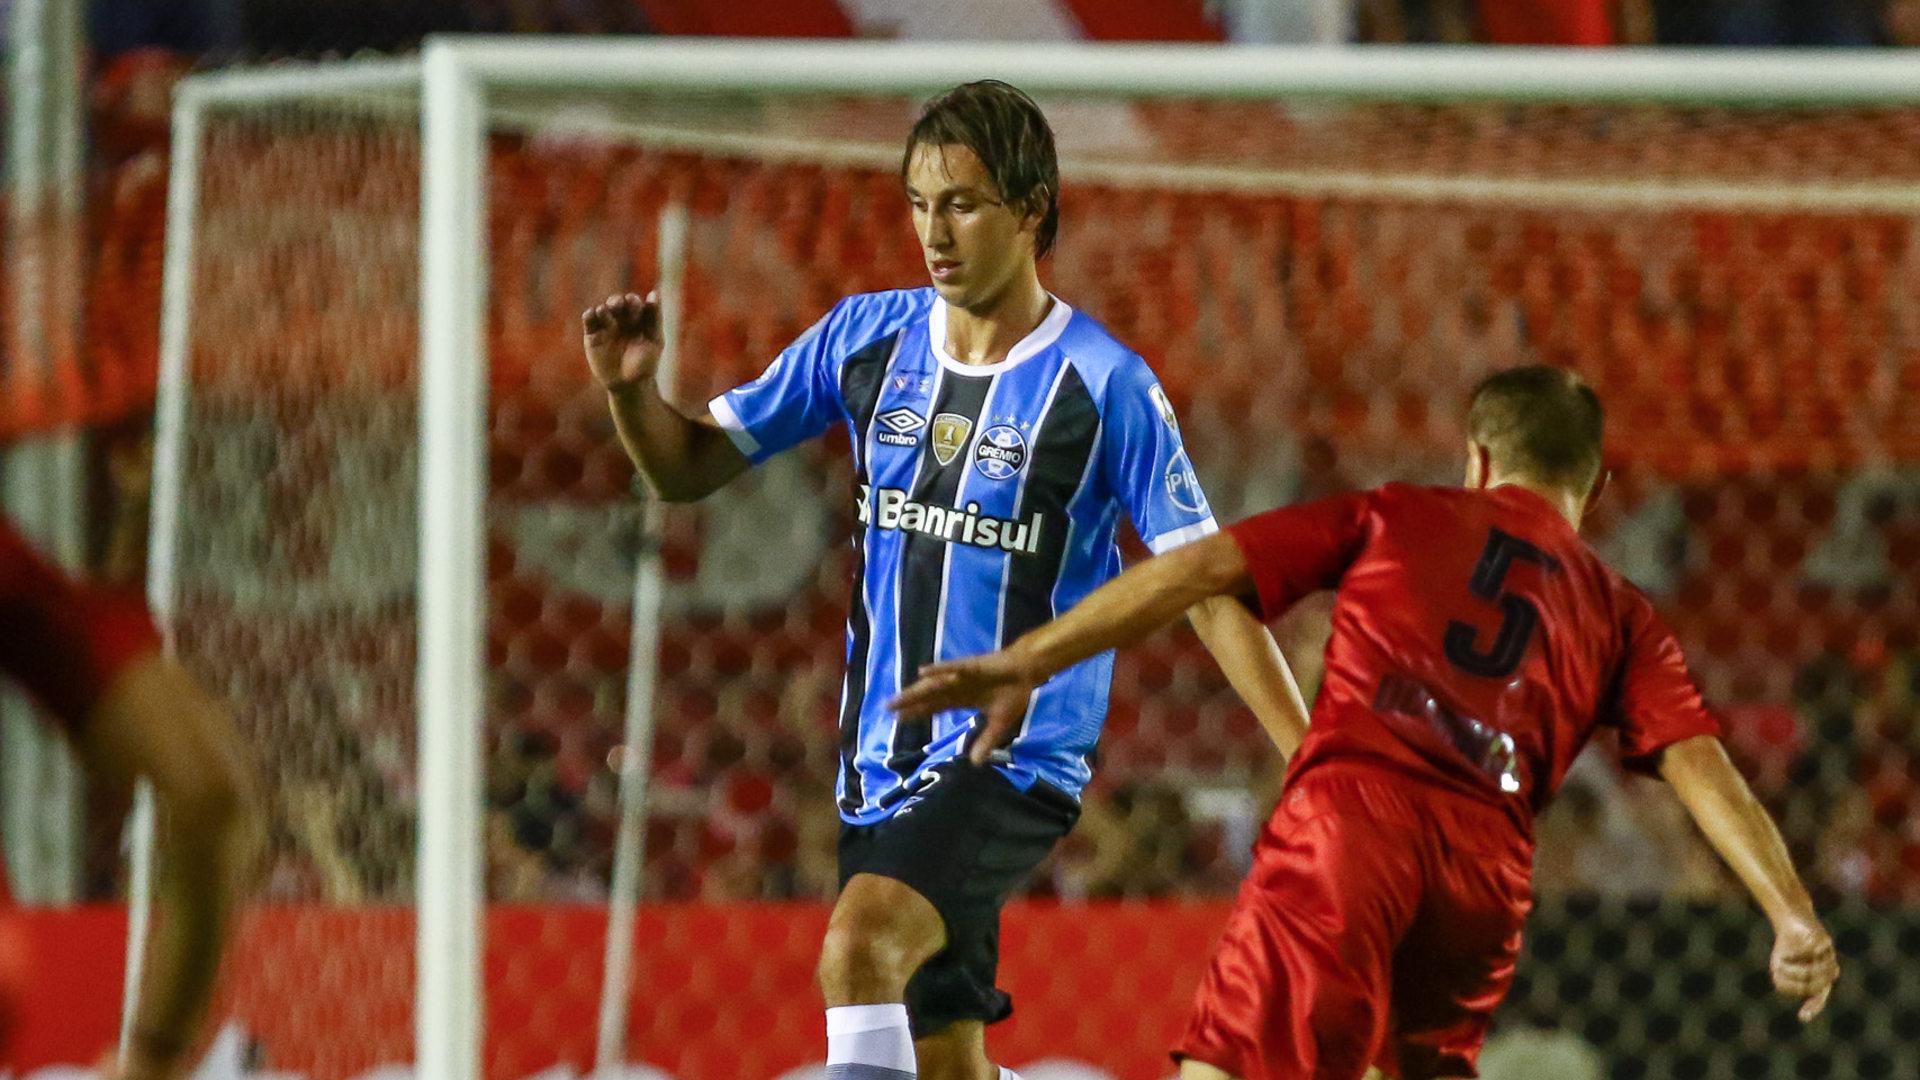 Geromel Independiente Gremio Recopa 14022018